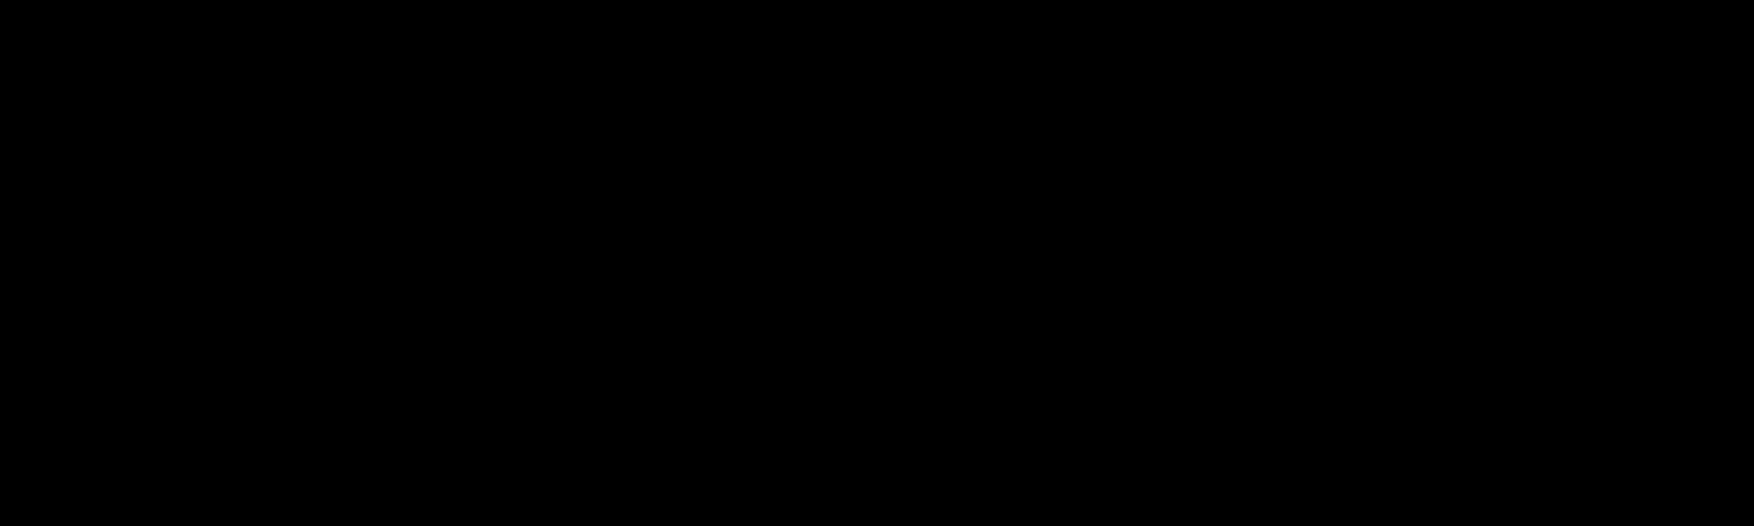 1-O-Feruloylglycerol